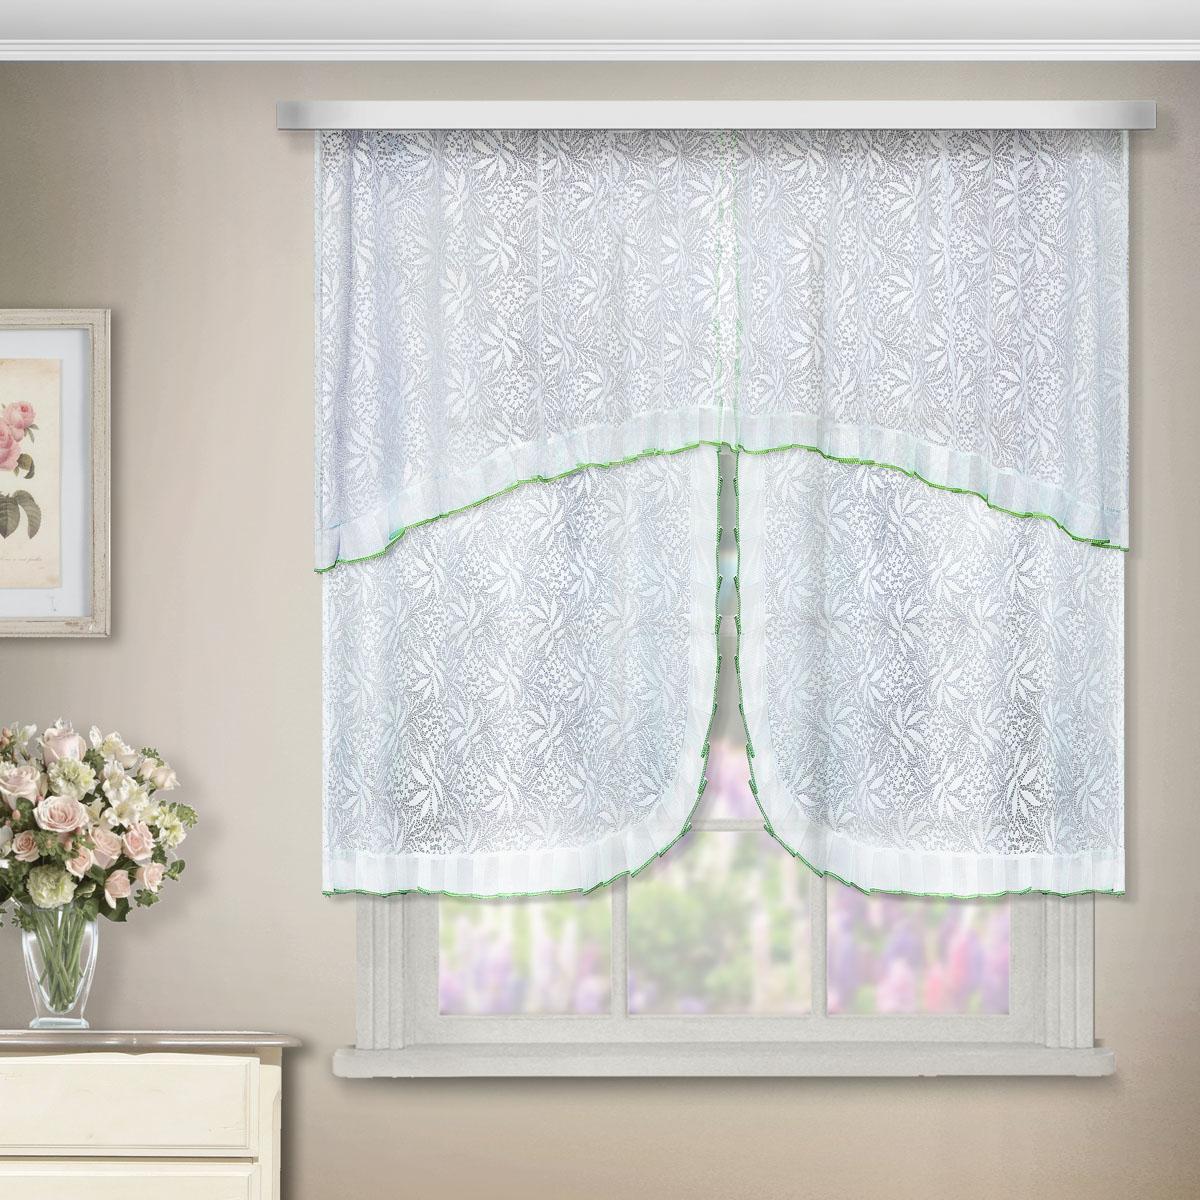 Комплект штор Zlata Korunka, на ленте, цвет: белый, высота 95 см. 8888088880Комплект штор Zlata Korunka, выполненный из полиэстера, великолепно украсит любое окно. Комплект состоит из ламбрекена, двух штор и двух подхватов. Цветочный узор и воздушная текстура привлекут к себе внимание и органично впишутся в интерьер помещения. Этот комплект будет долгое время радовать вас и вашу семью!Комплект крепится на карниз при помощи ленты, которая поможет красиво и равномерно задрапировать верх. В комплект входит: Ламбрекен: 1 шт. Размер (Ш х В): 200 см х 65 см. Штора: 2 шт. Размер (Ш х В): 75 см х 95 см.Подхват: 2 шт.